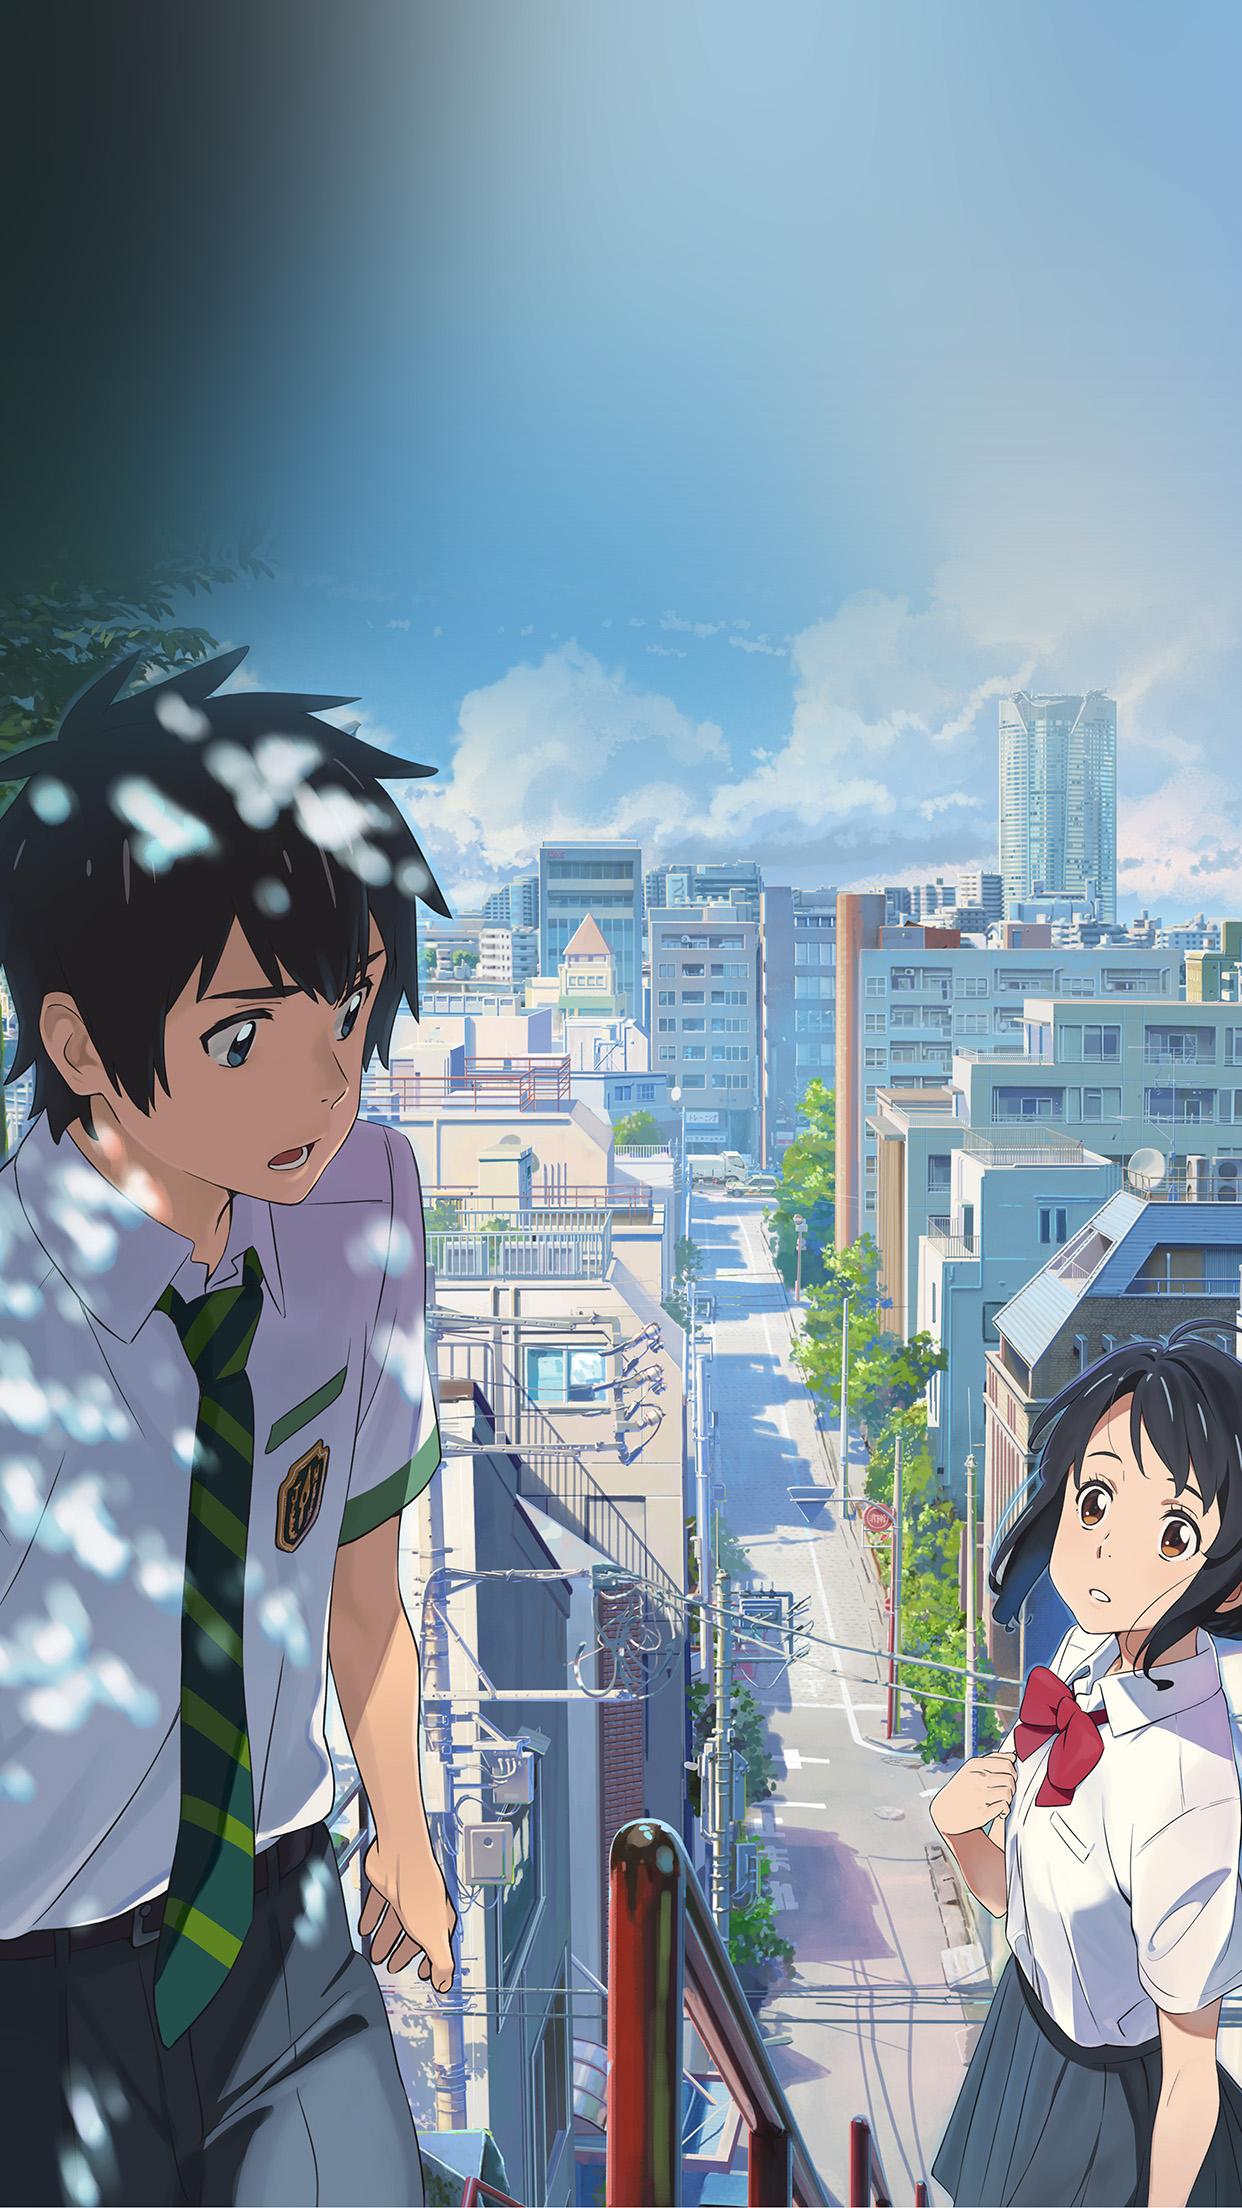 Simple Girl Wallpaper Com Bd04 Yourname Anime Summer Art Illustration Wallpaper